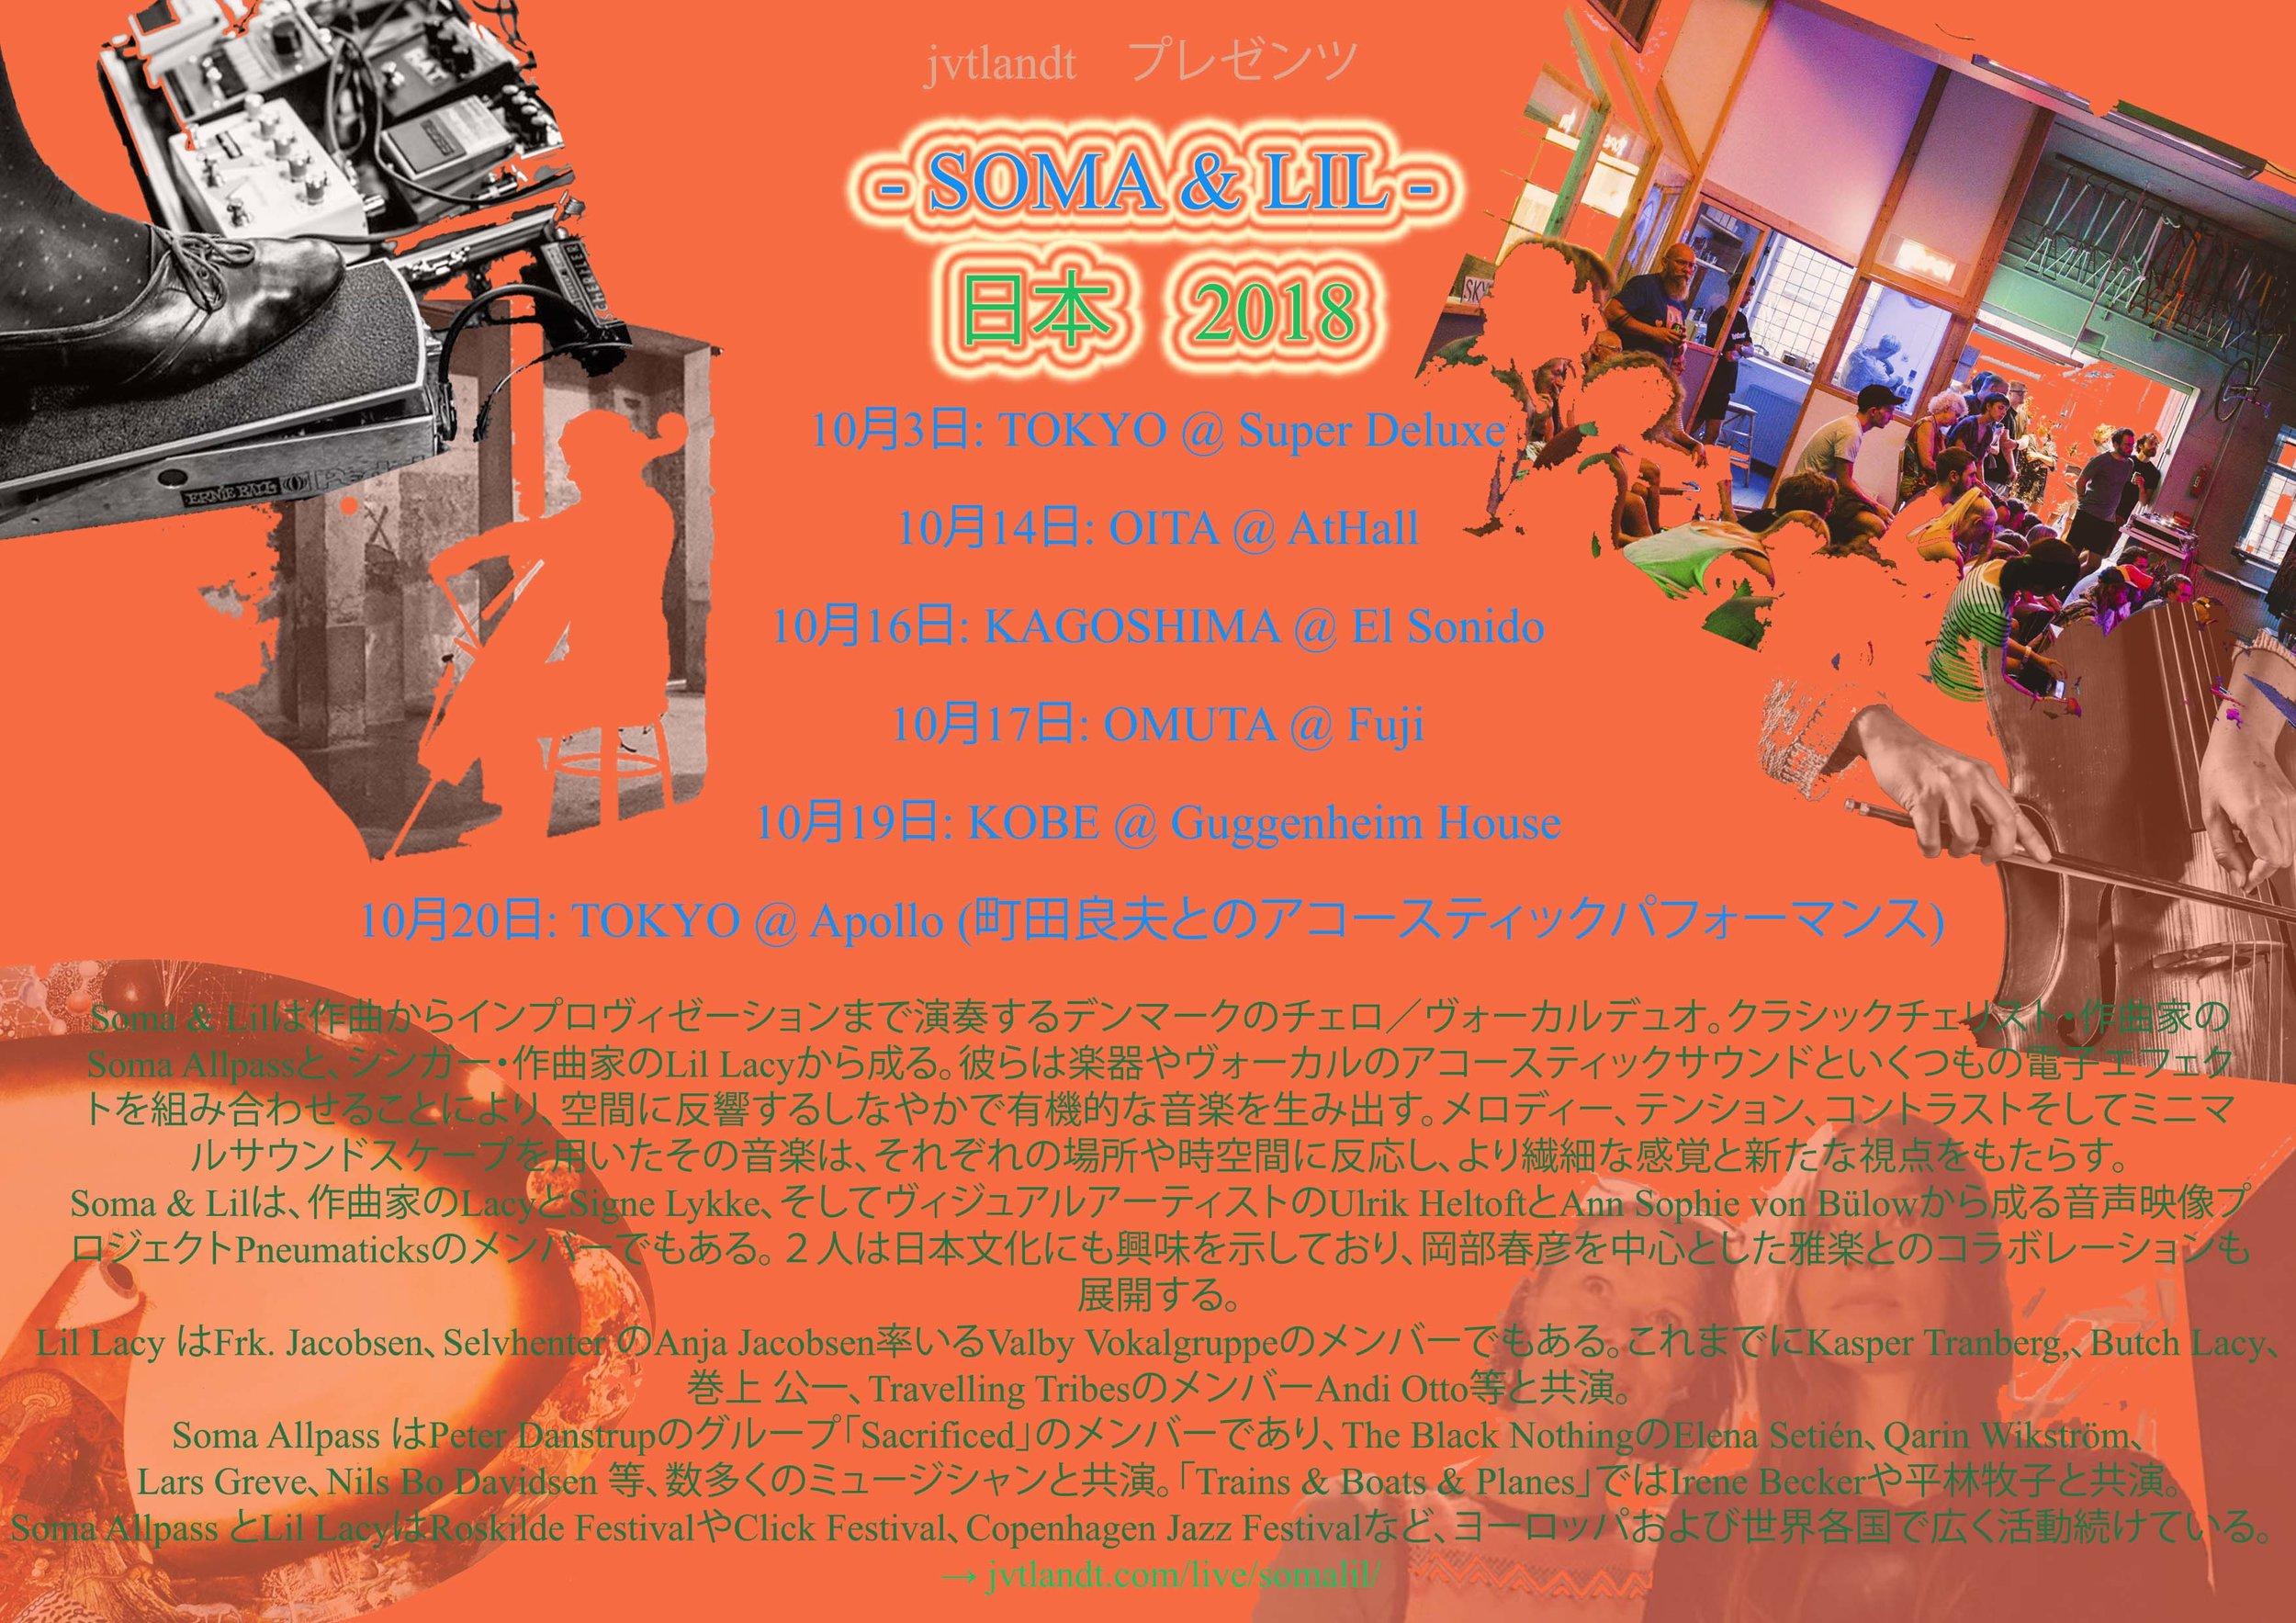 Flyer Soma & Lil Japan bagside 9.jpg